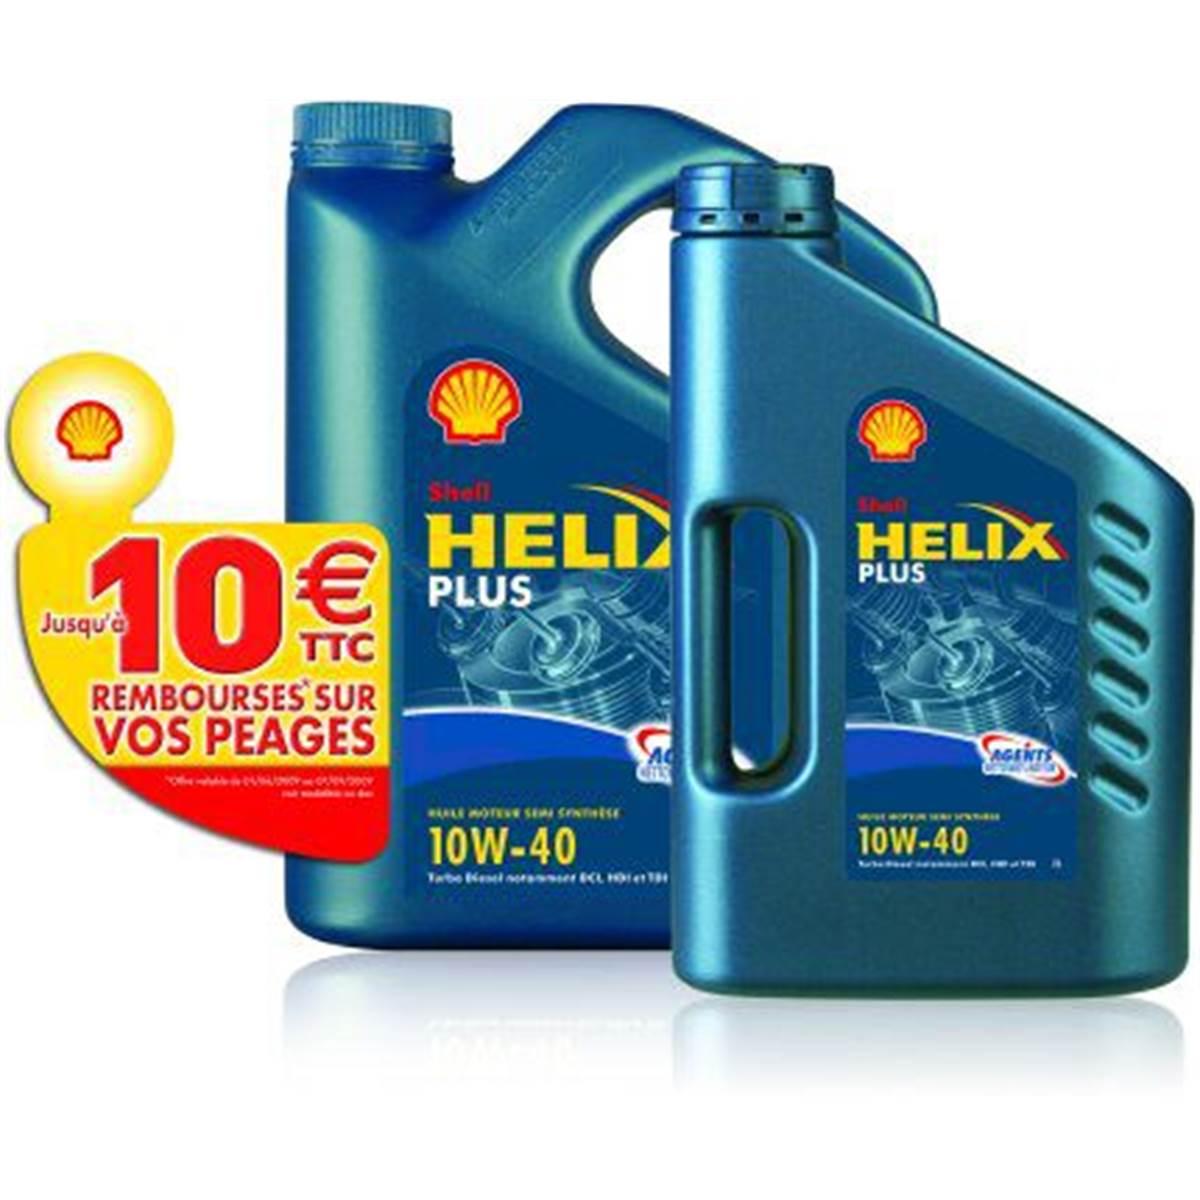 Huile semi-synthèse essence Shell : lot 5L + 2L + 10E de péage remboursés